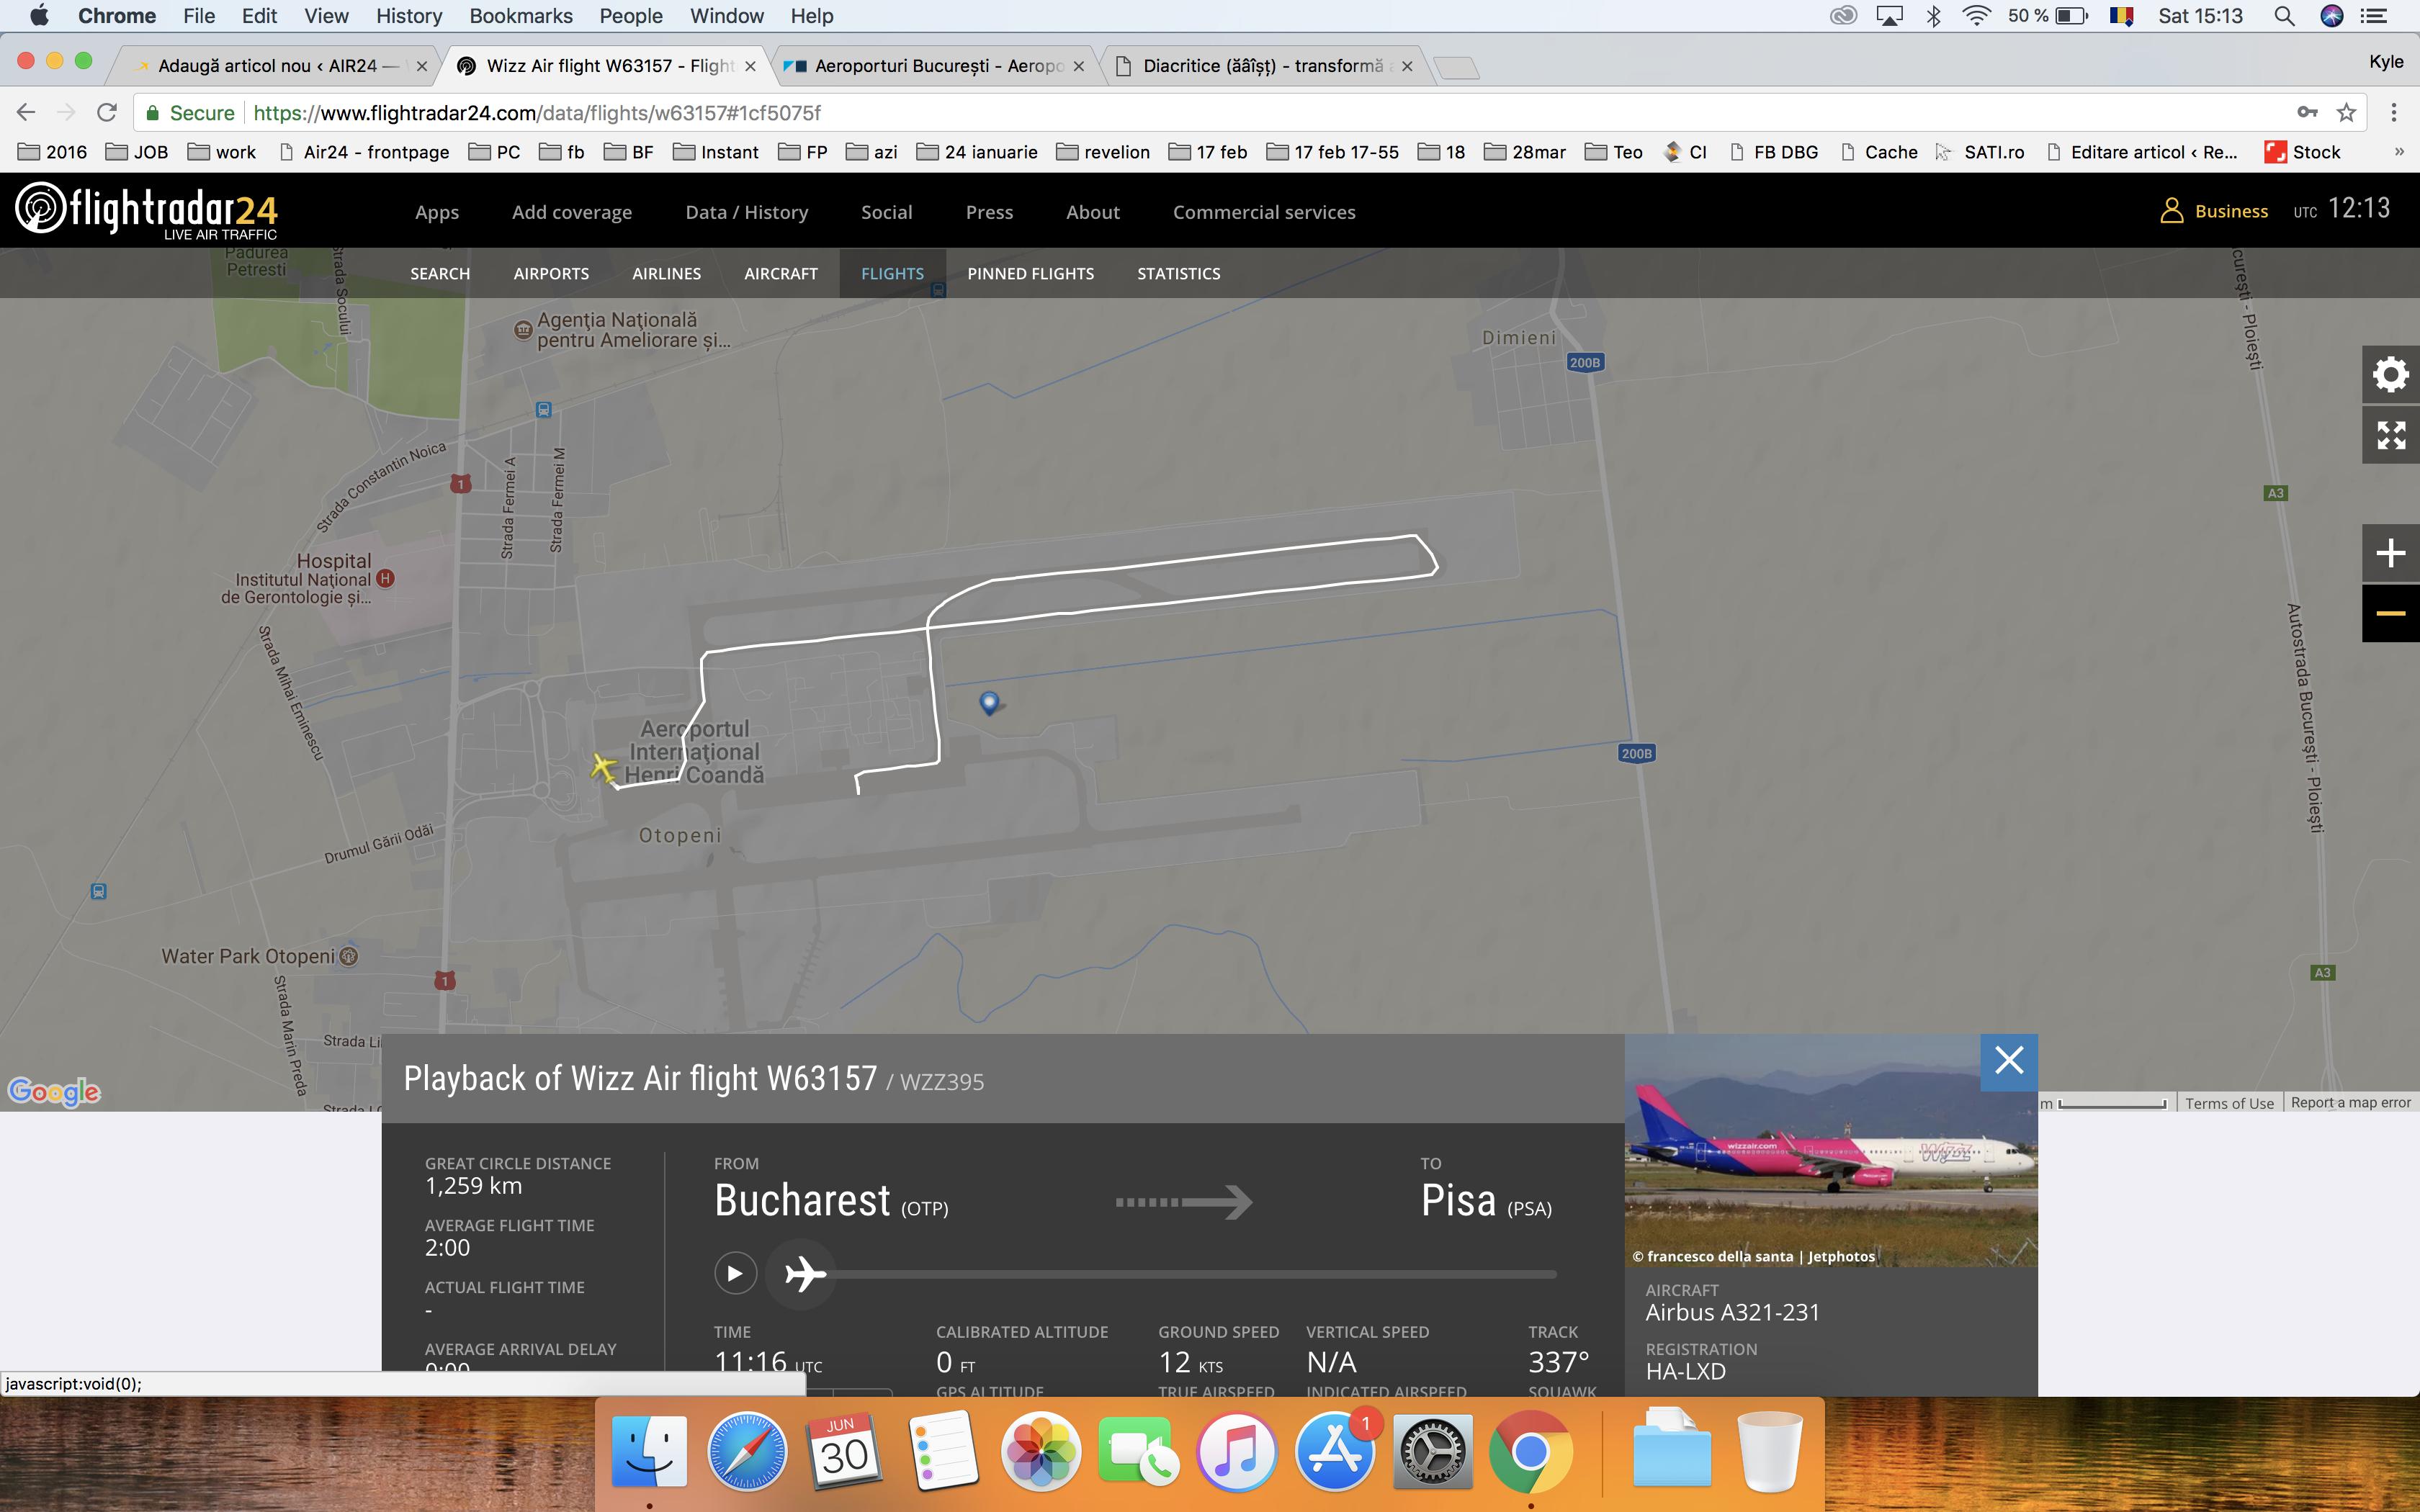 Zborul WizzAir W63157 s-a întors pe Otopeni după ce pilotul a suspectat un impact cu o pasăre